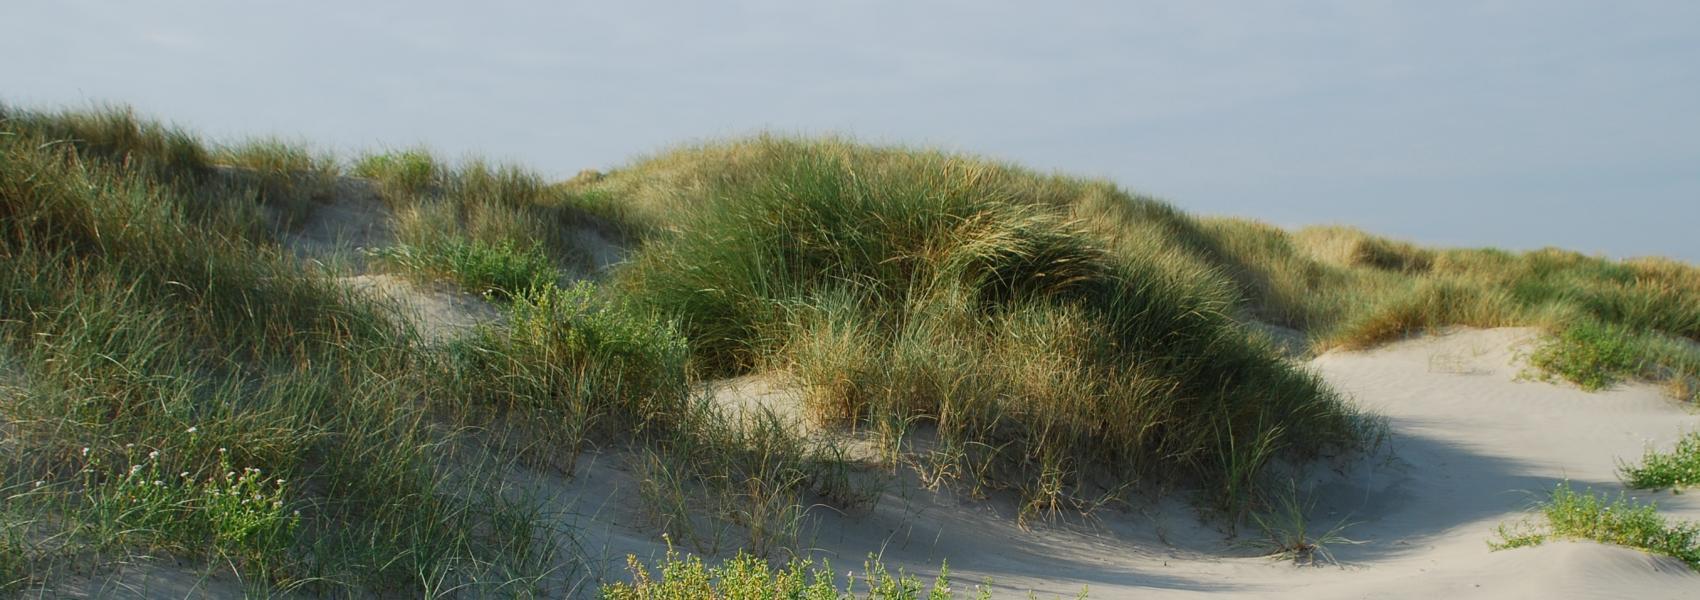 duinenlandschap